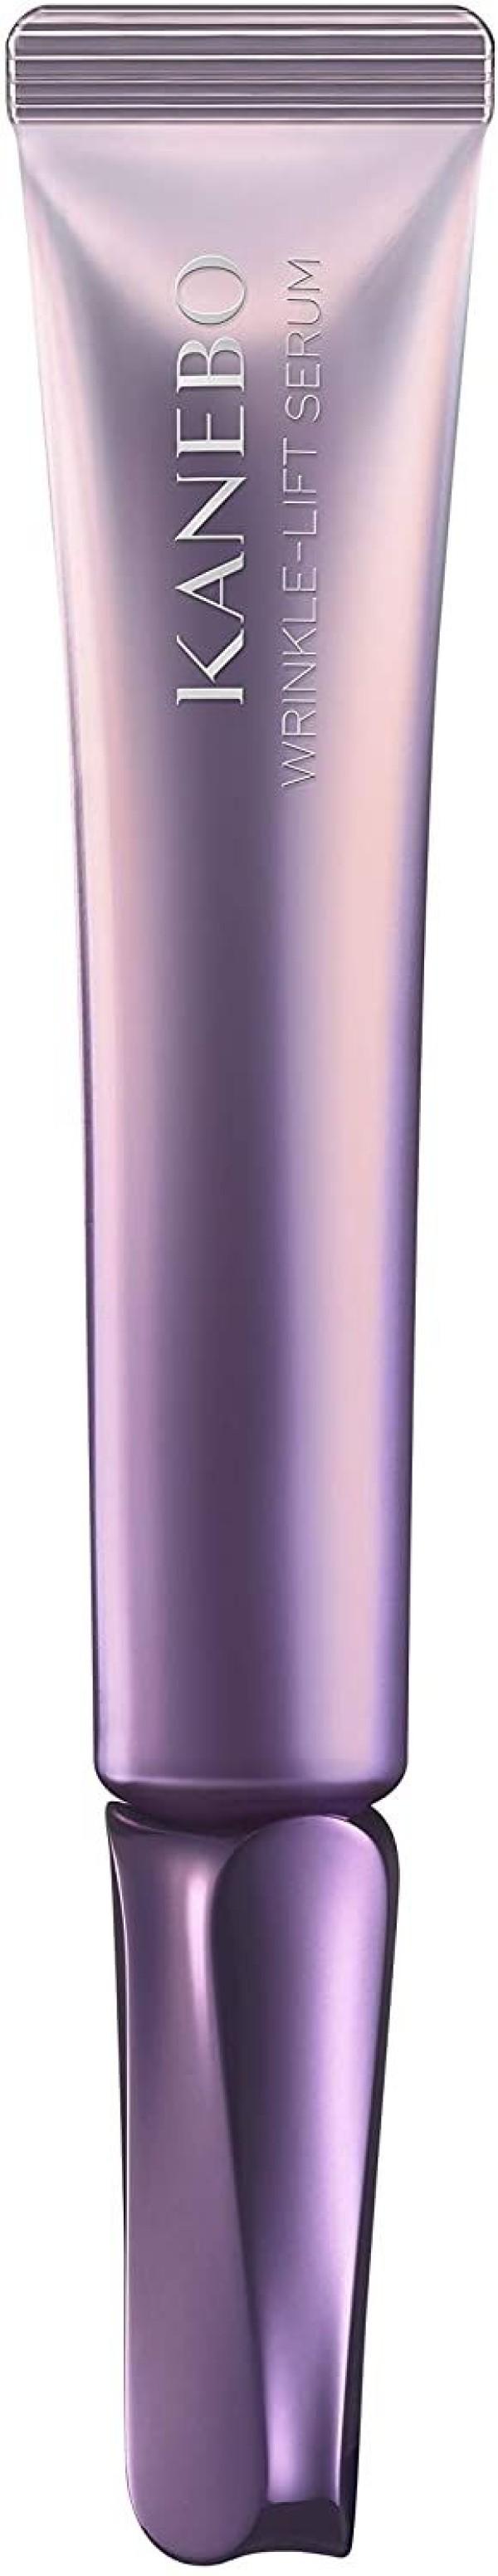 Антивозрастная сыворотка для разглаживания морщин Kanebo Wrinkle-Lift Serum